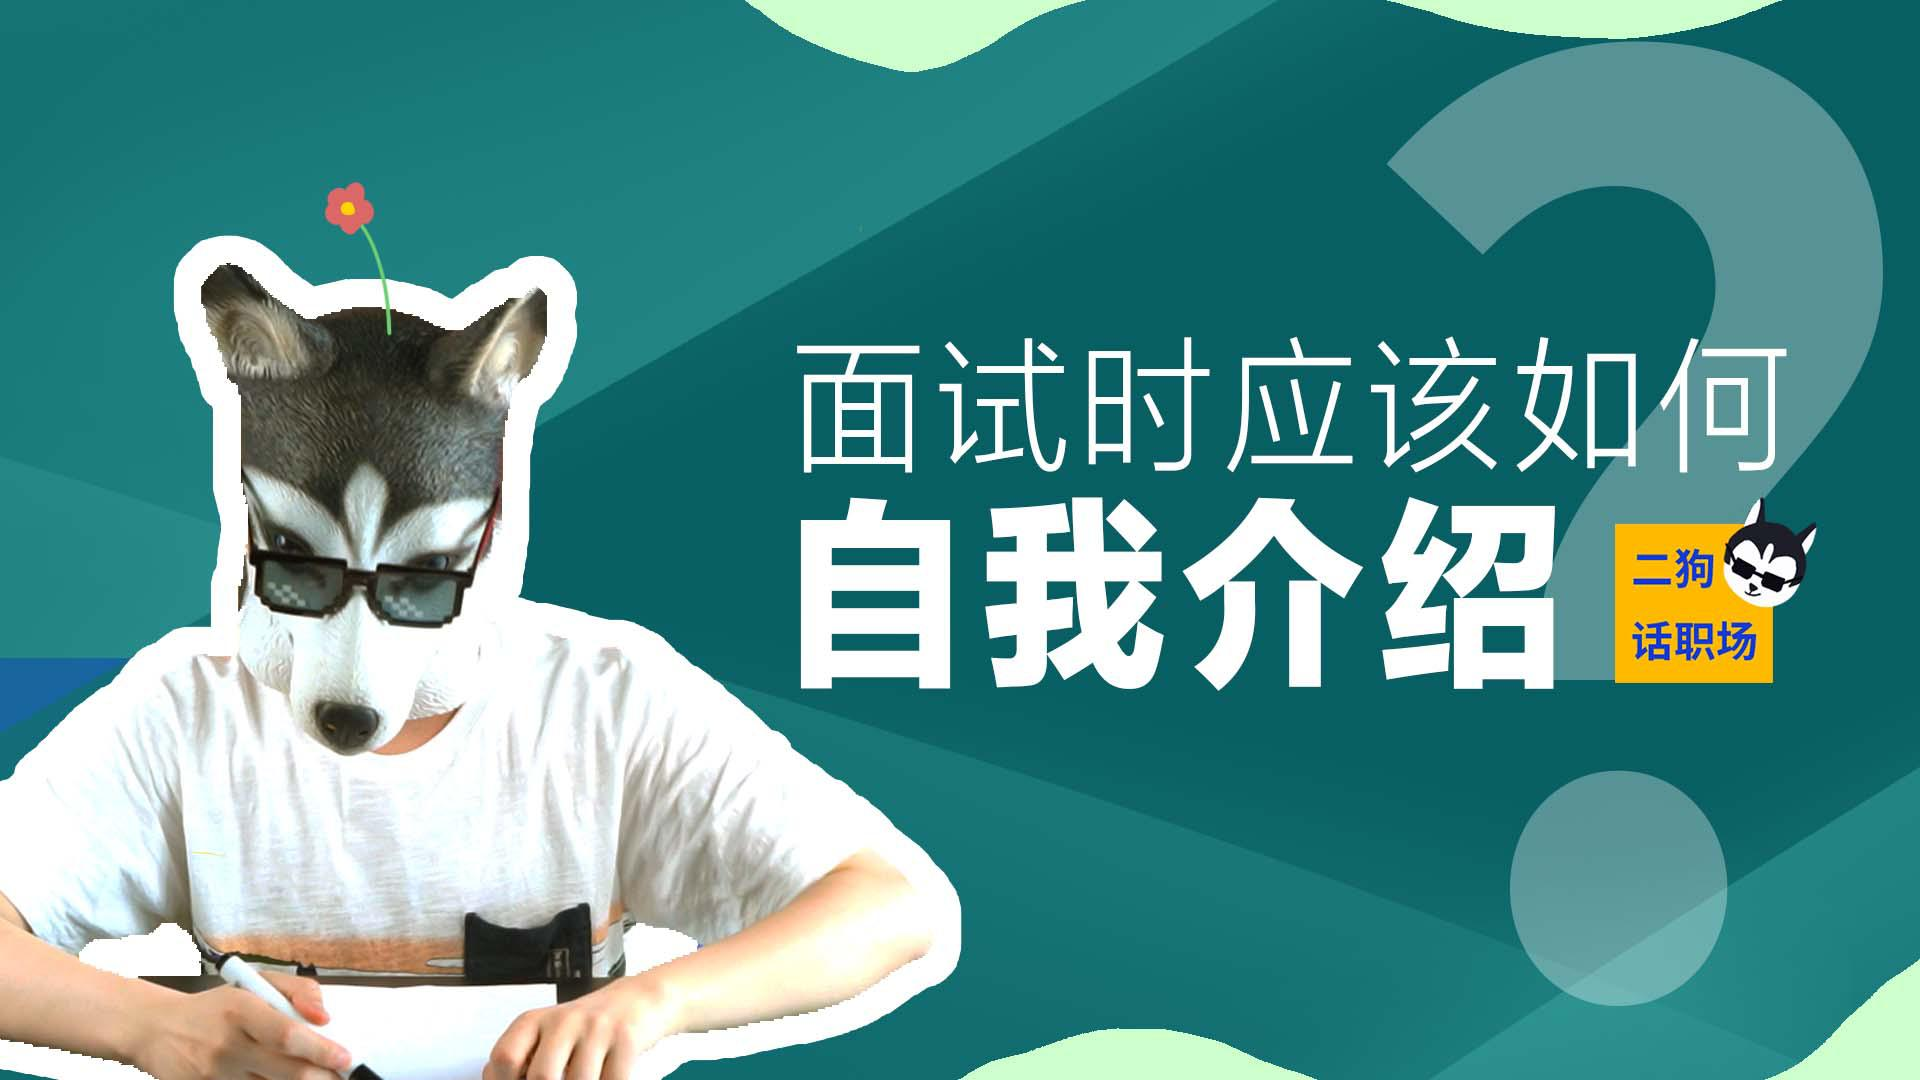 【二狗话职场】04:面试时应该如何进行自我介绍?